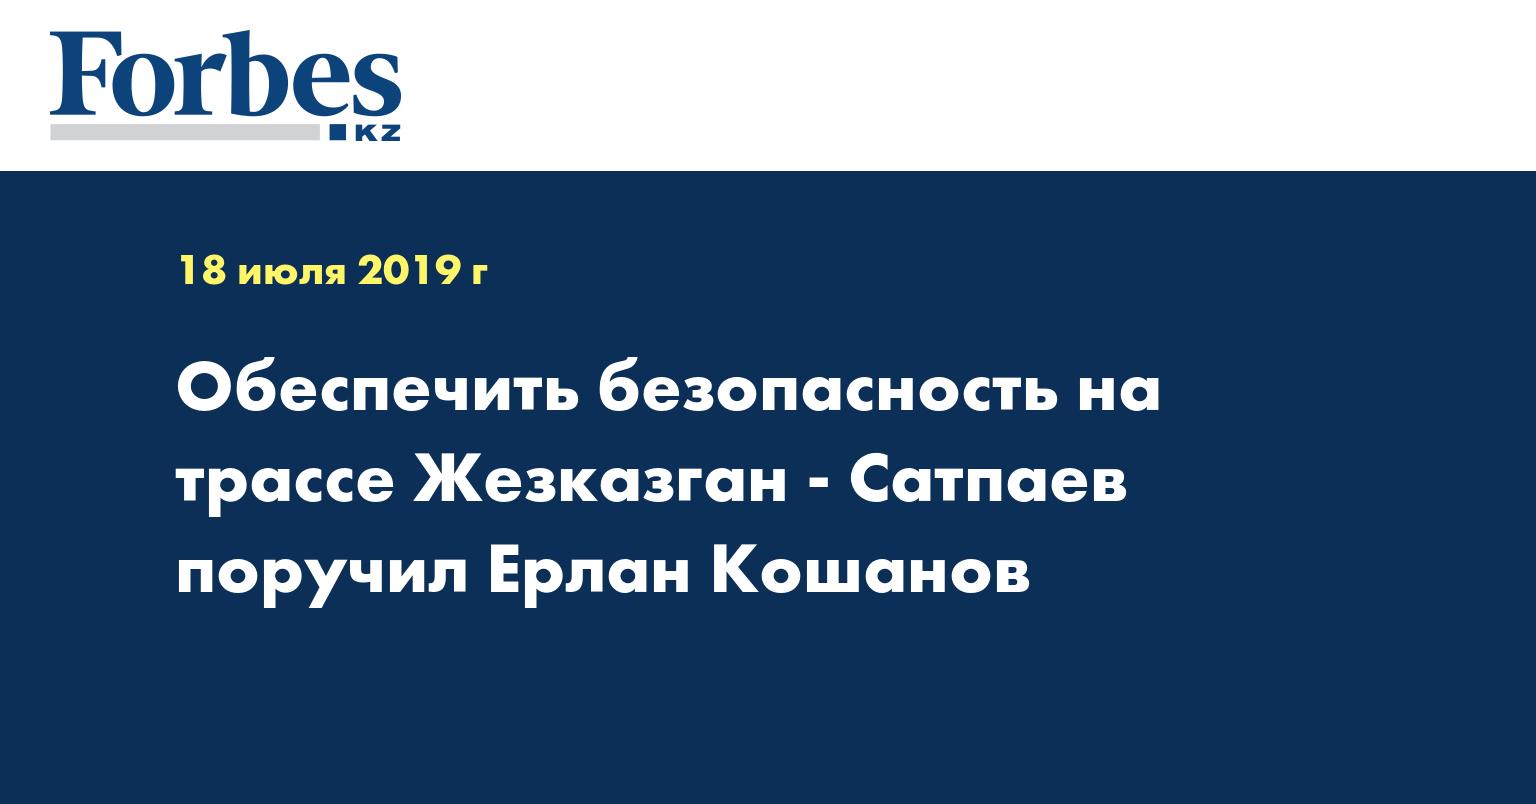 Обеспечить безопасность на трассе Жезказган - Сатпаев поручил Ерлан Кошанов